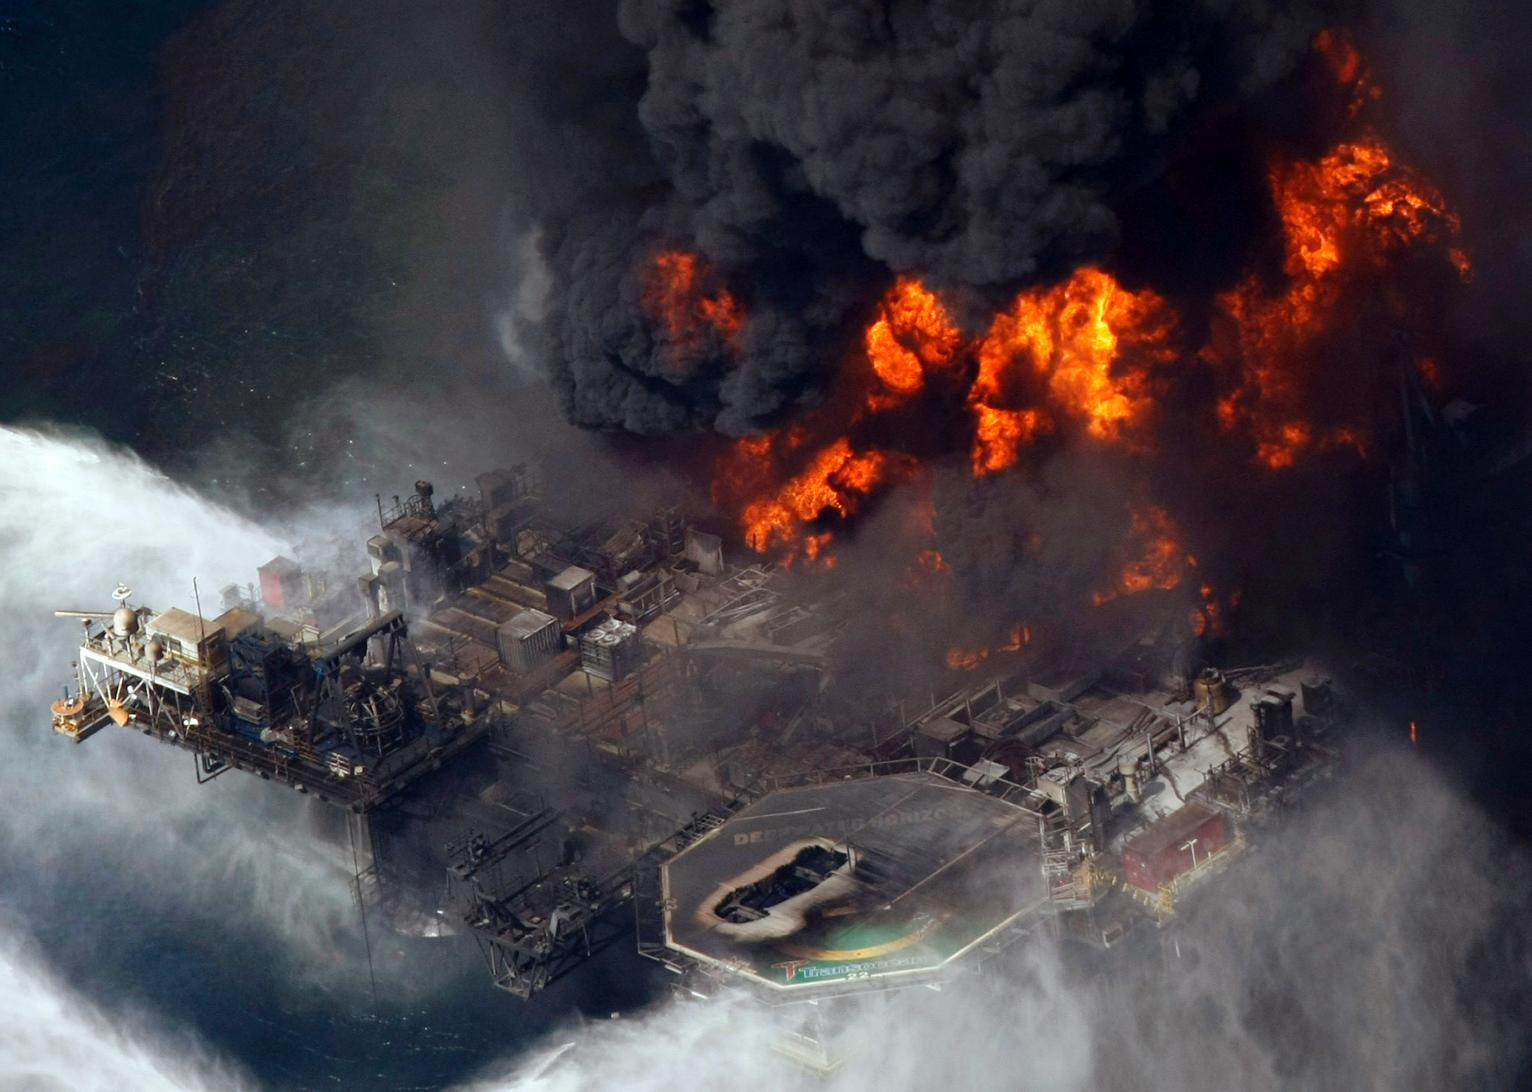 سه کشته و ٦ مفقود در حادثه انفجار سکوی نفت و گاز پترو براس